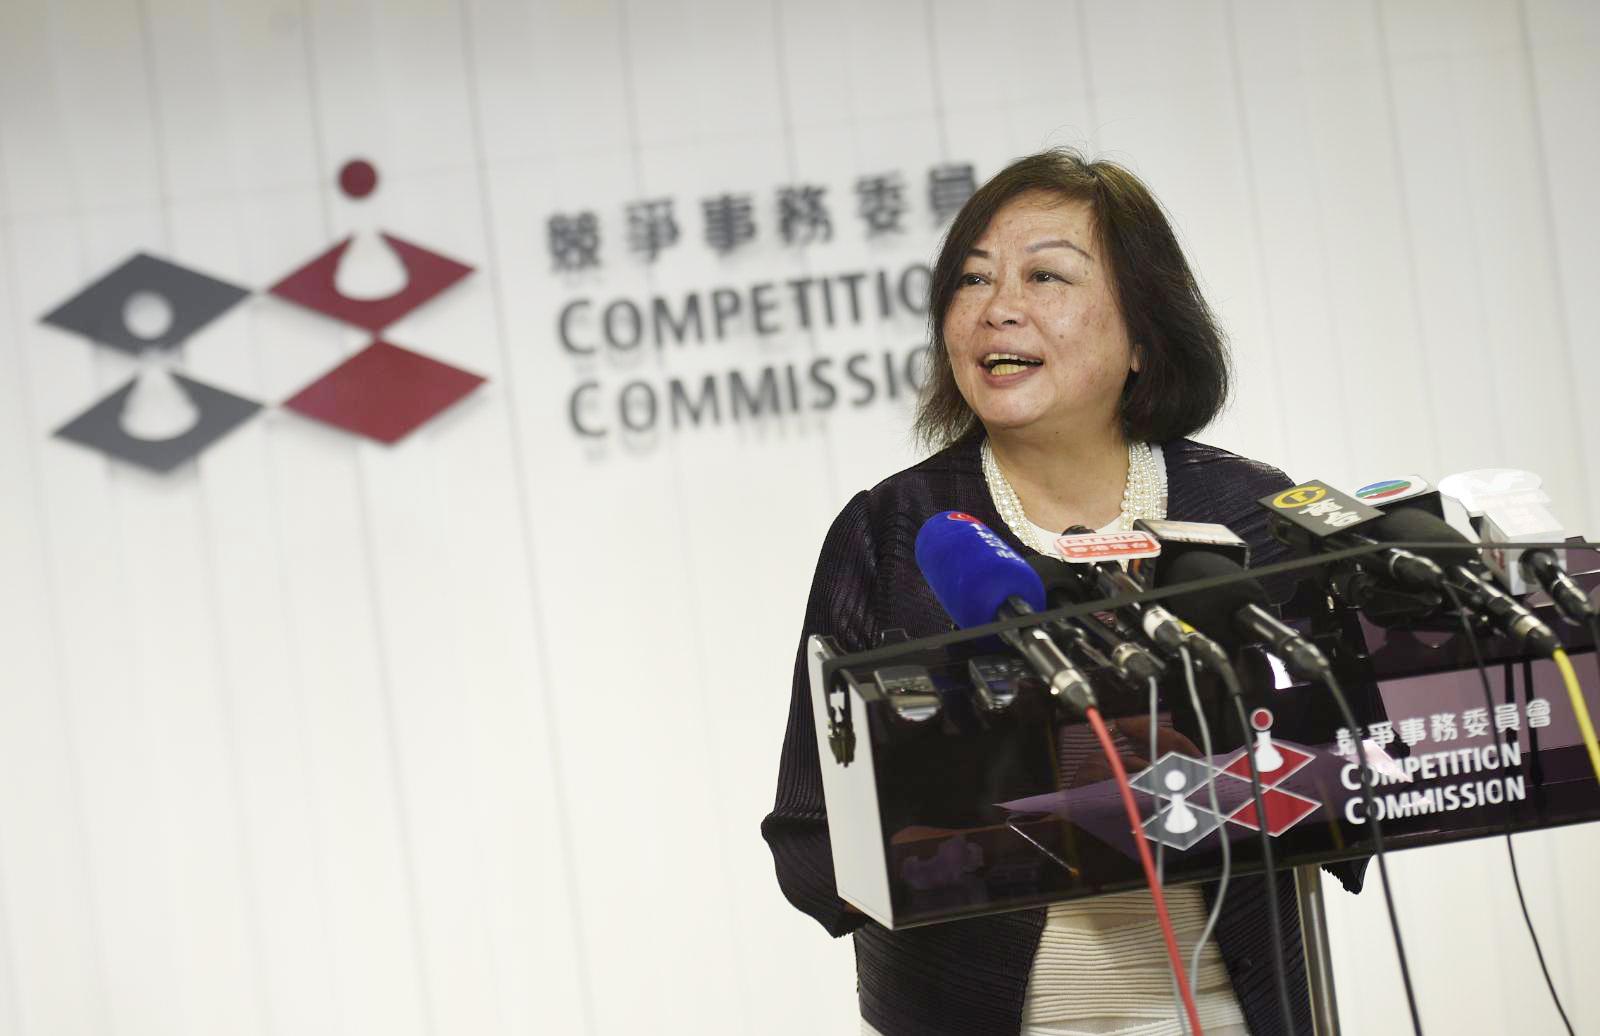 竞委会主席胡红玉表示尊重法院的裁决。